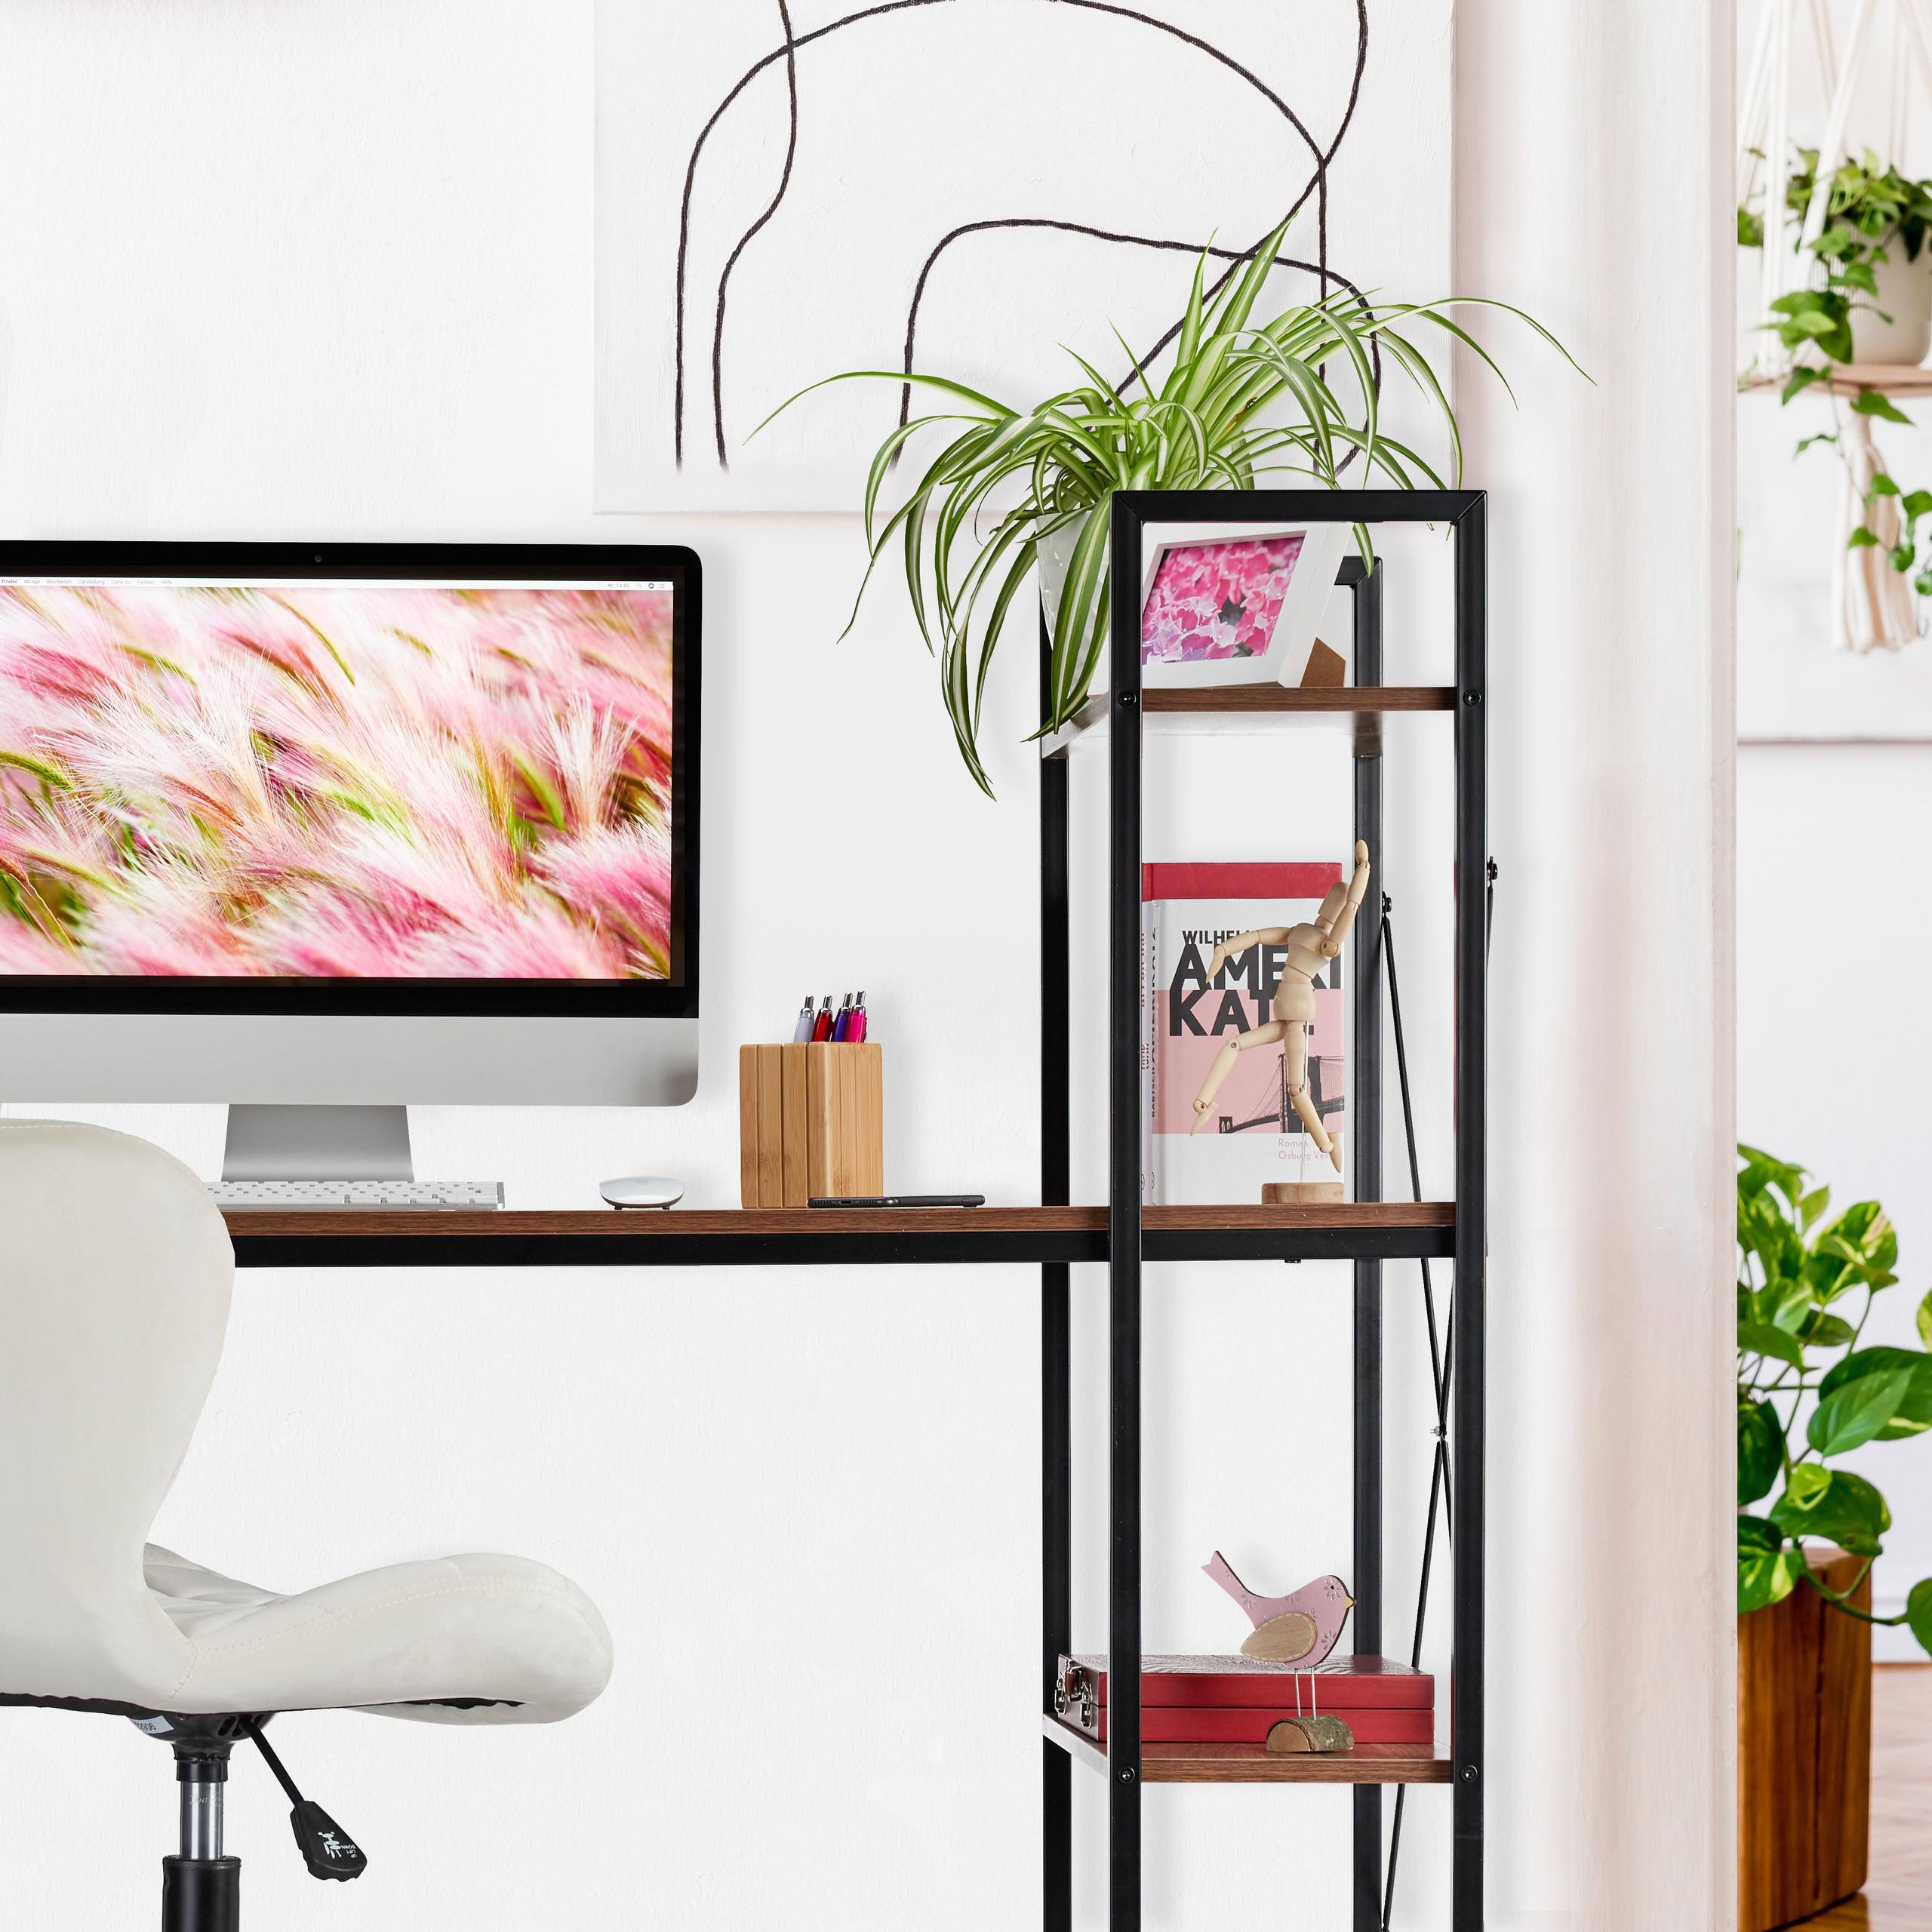 Full Size of Schreibtisch Brotisch Pc Tisch Computertisch Arbeitstisch Sofa Mit Schlaffunktion Federkern Esstisch Stühlen Schlafzimmer überbau 2 Sitzer Relaxfunktion Regal Regal Mit Schreibtisch